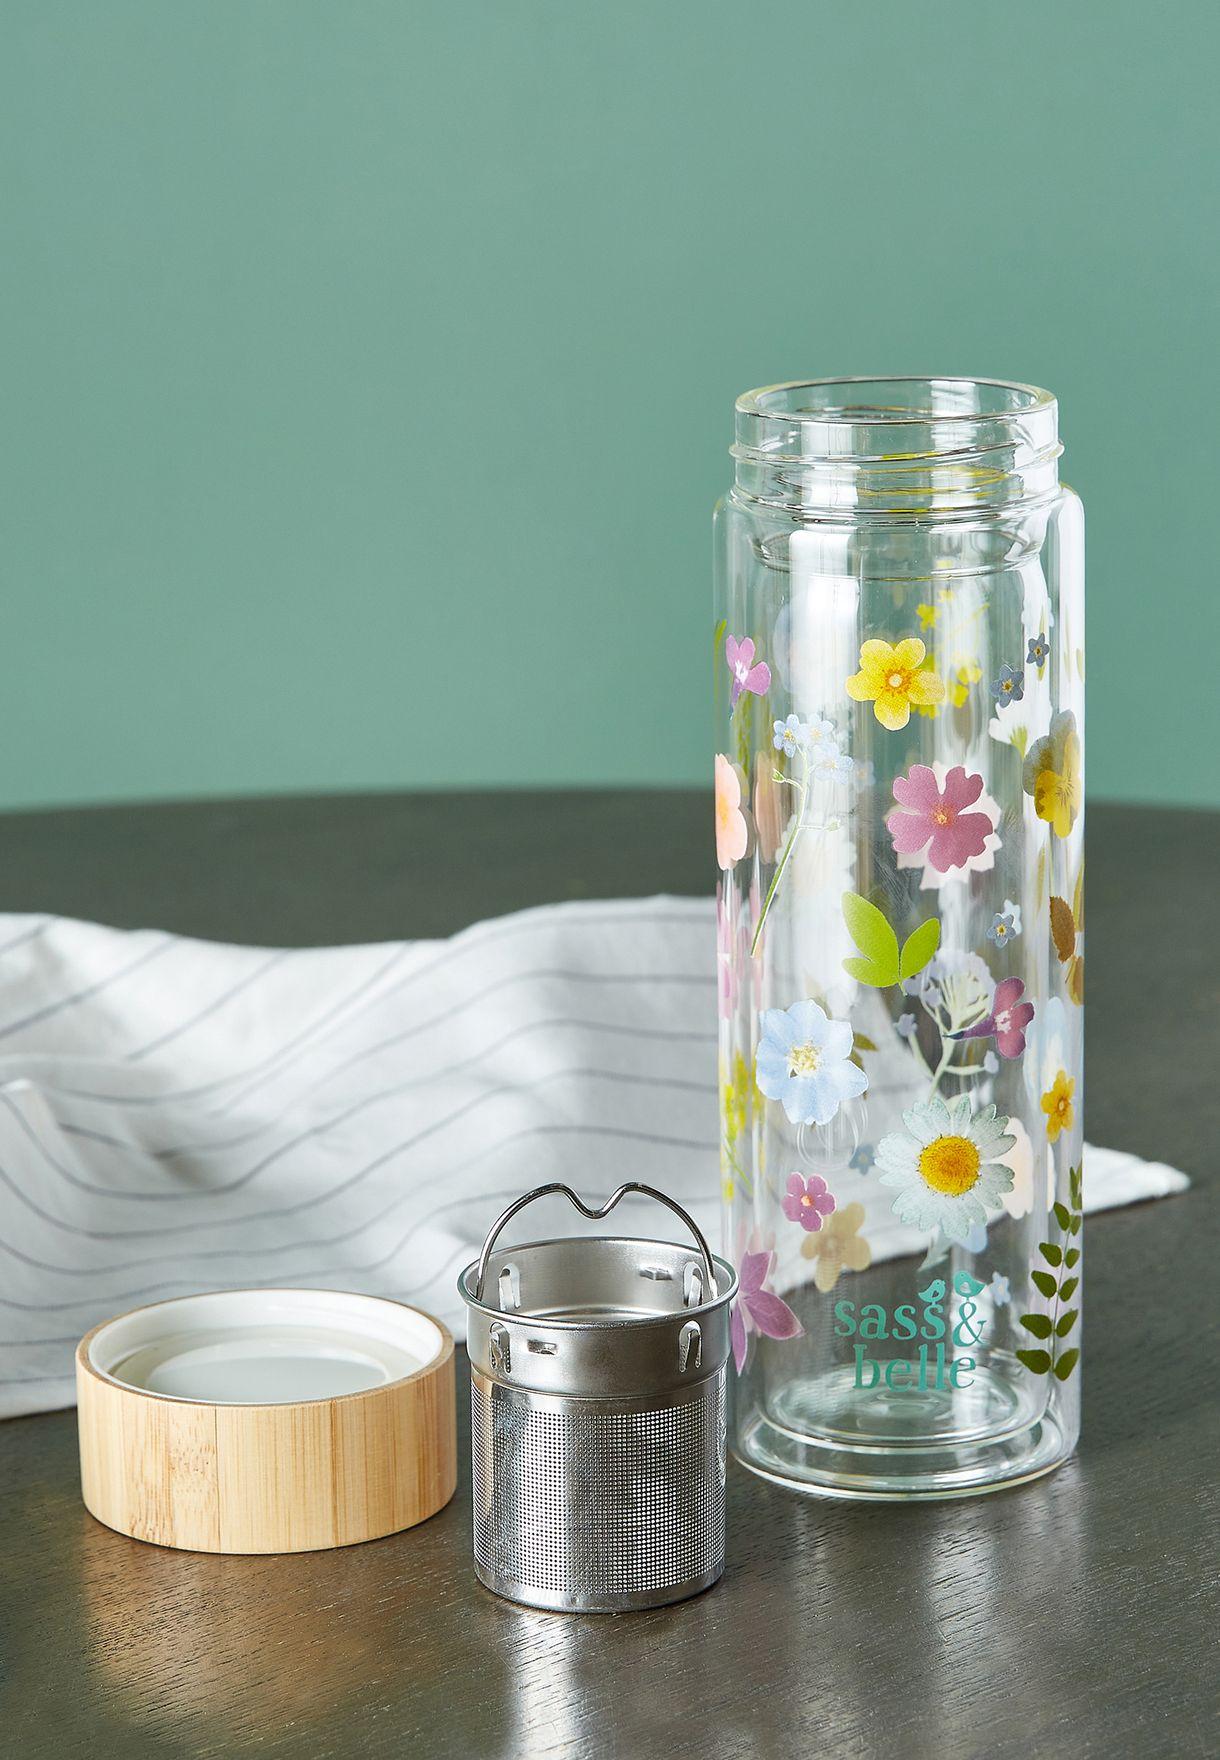 قنينة ماء الفواكة بأزهار مضغوطة